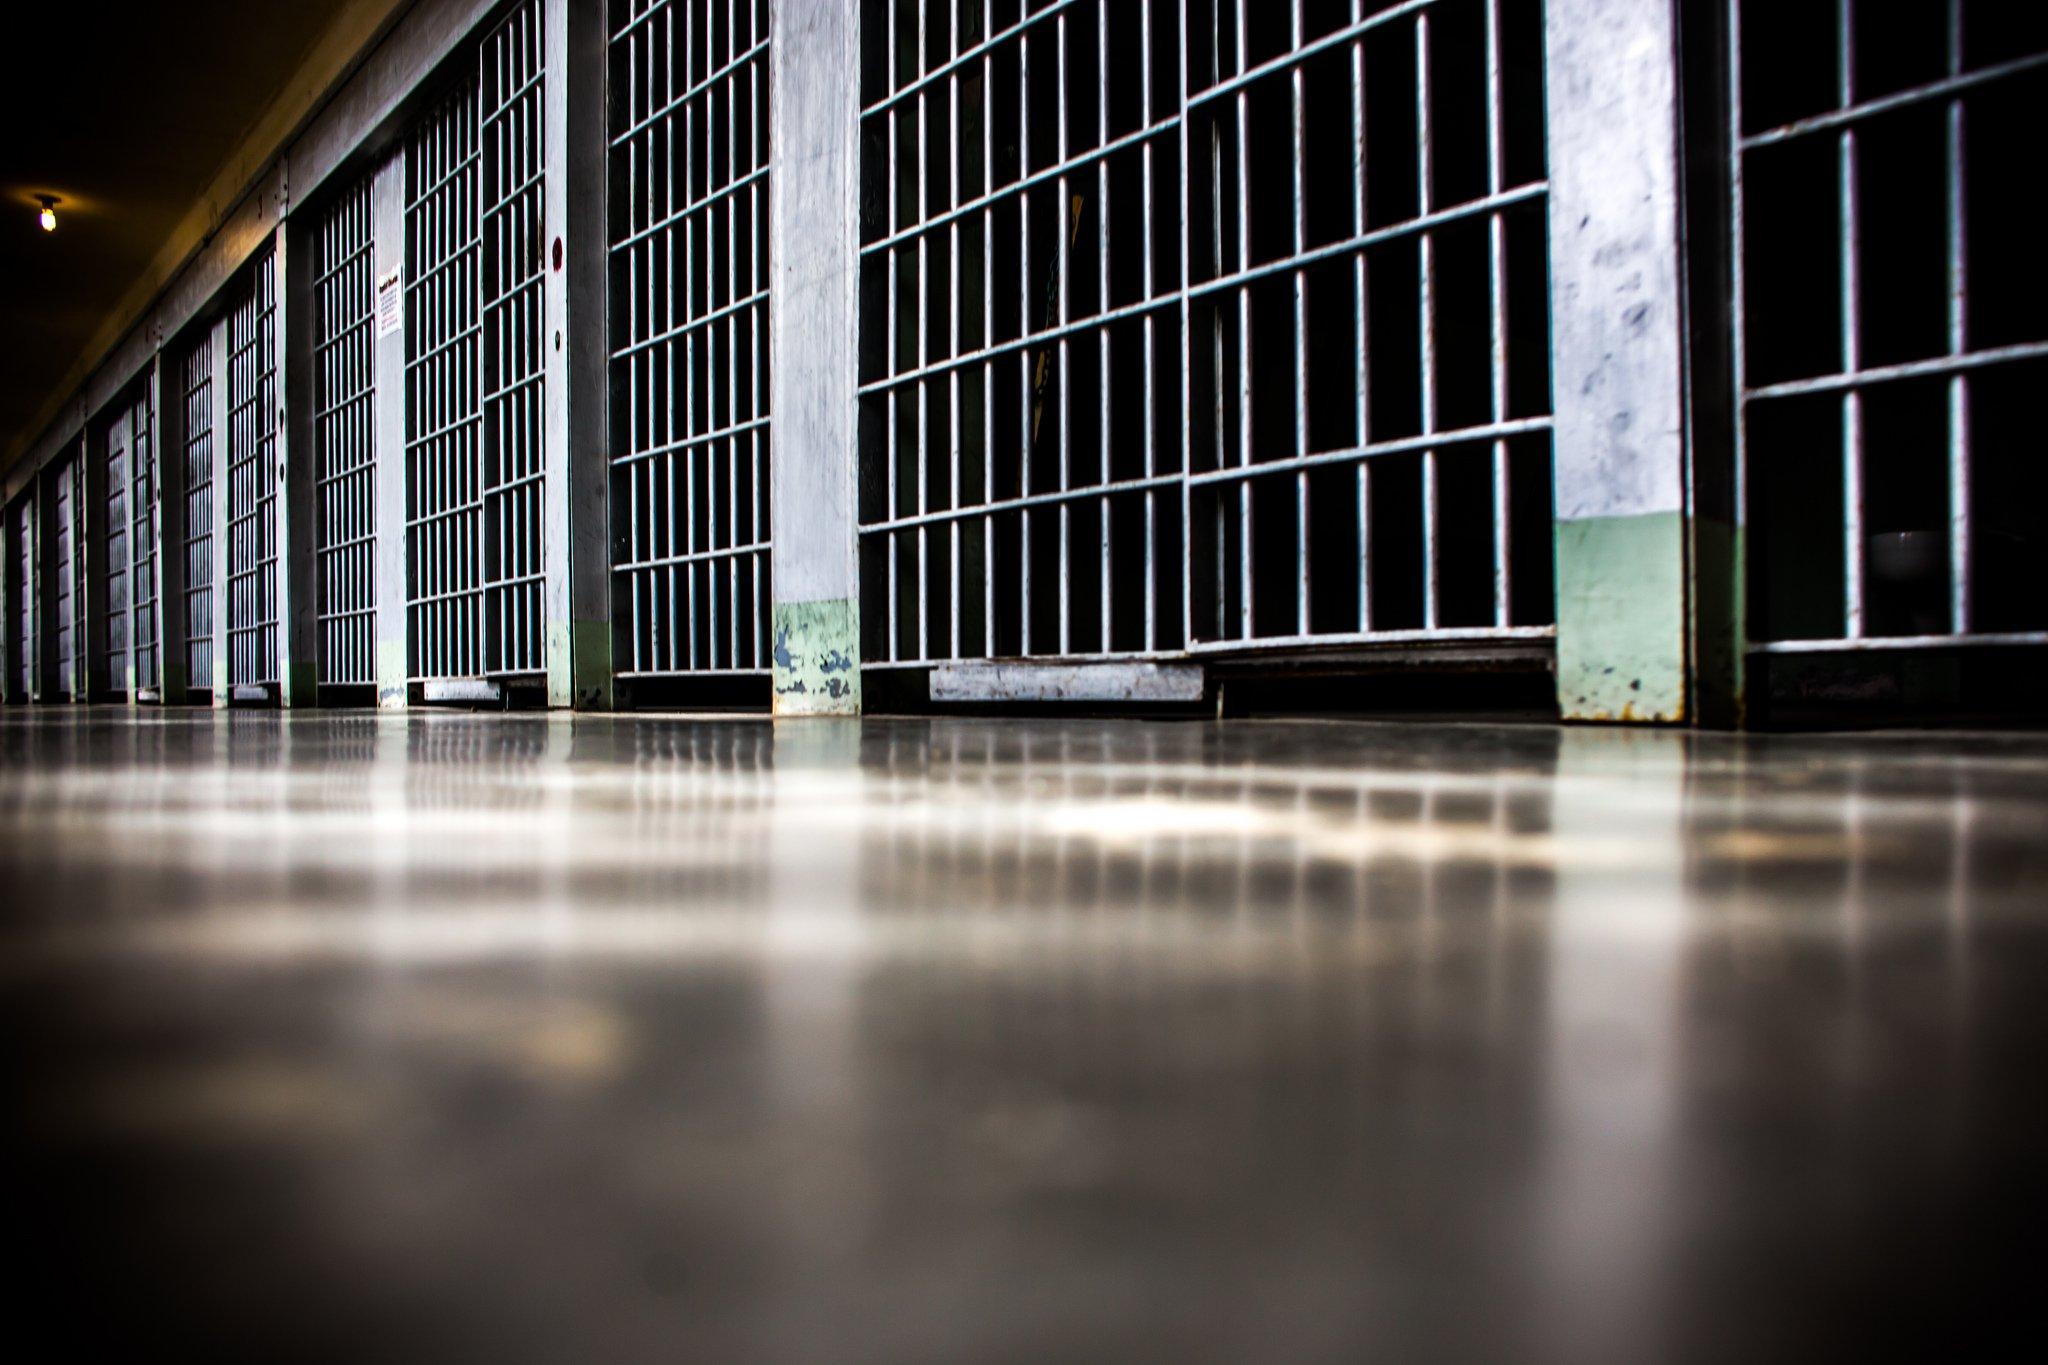 Regras implícitas do Cárcere enquanto Fábrica de Tortura